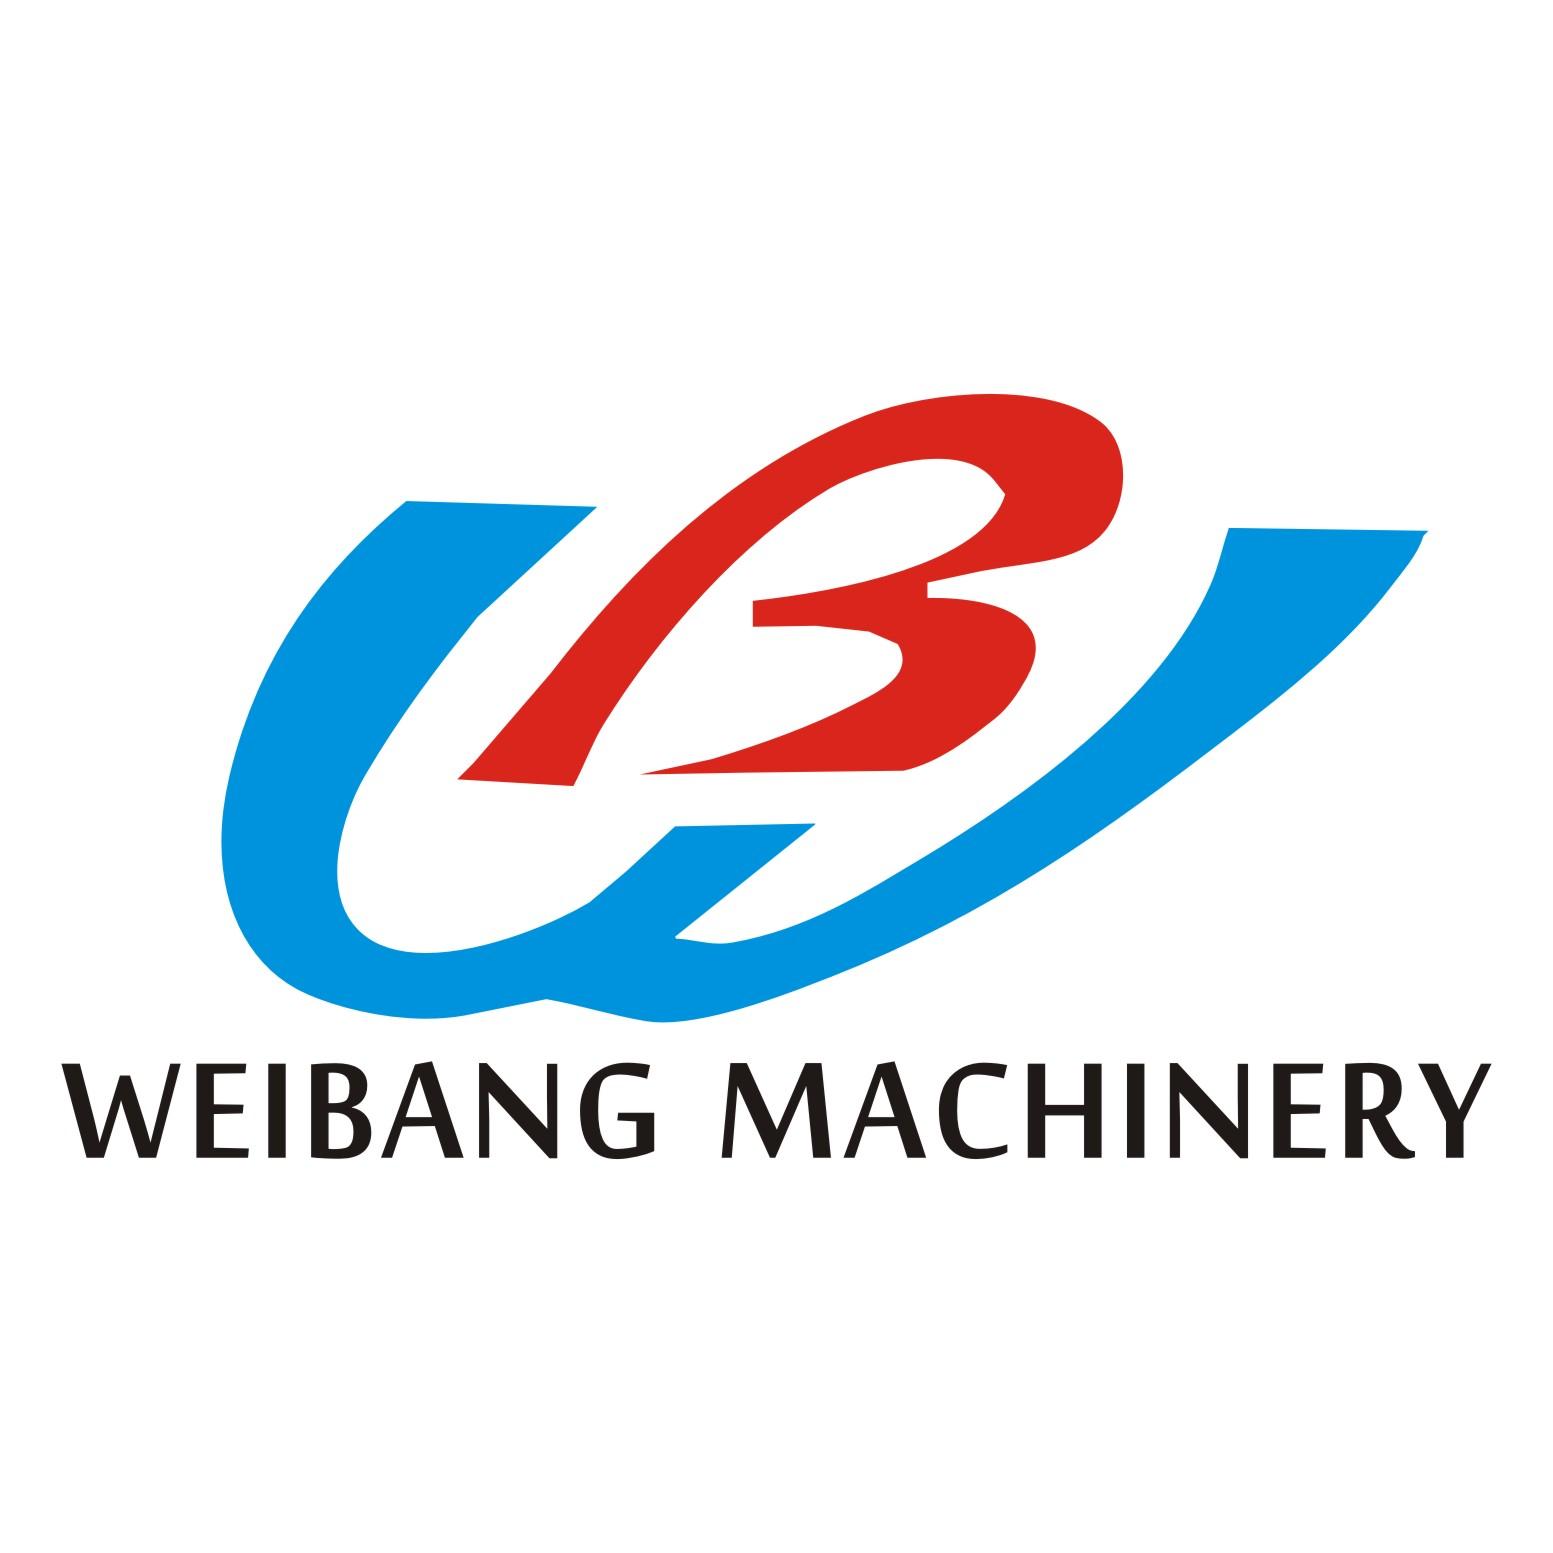 温州威邦机械有限公司专业生产凹版印刷机